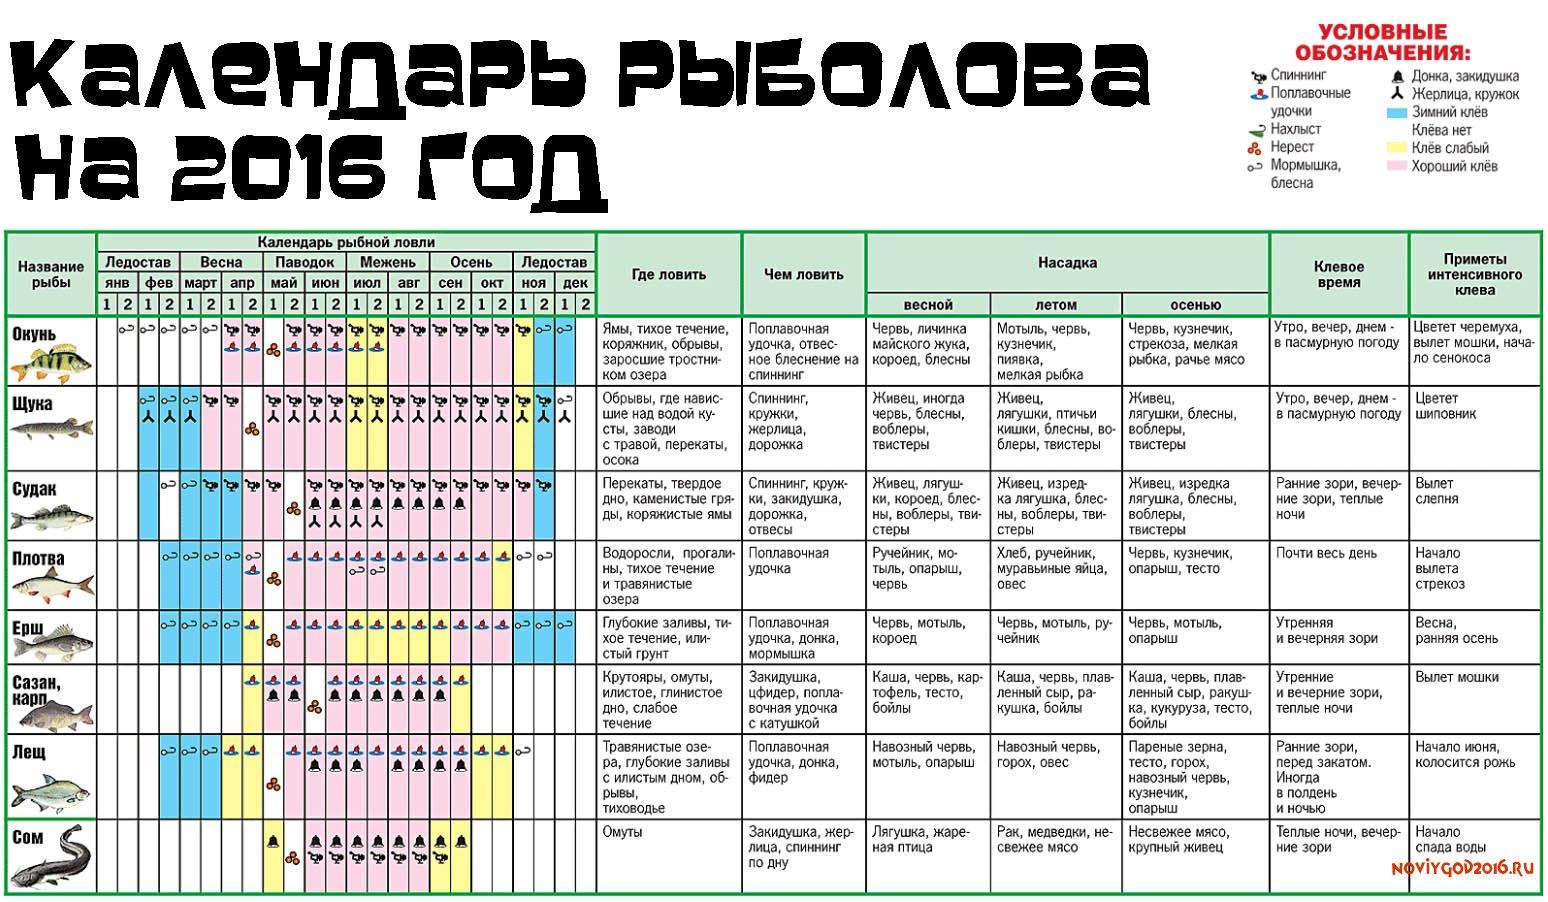 Рыболовный календарь - пермский край